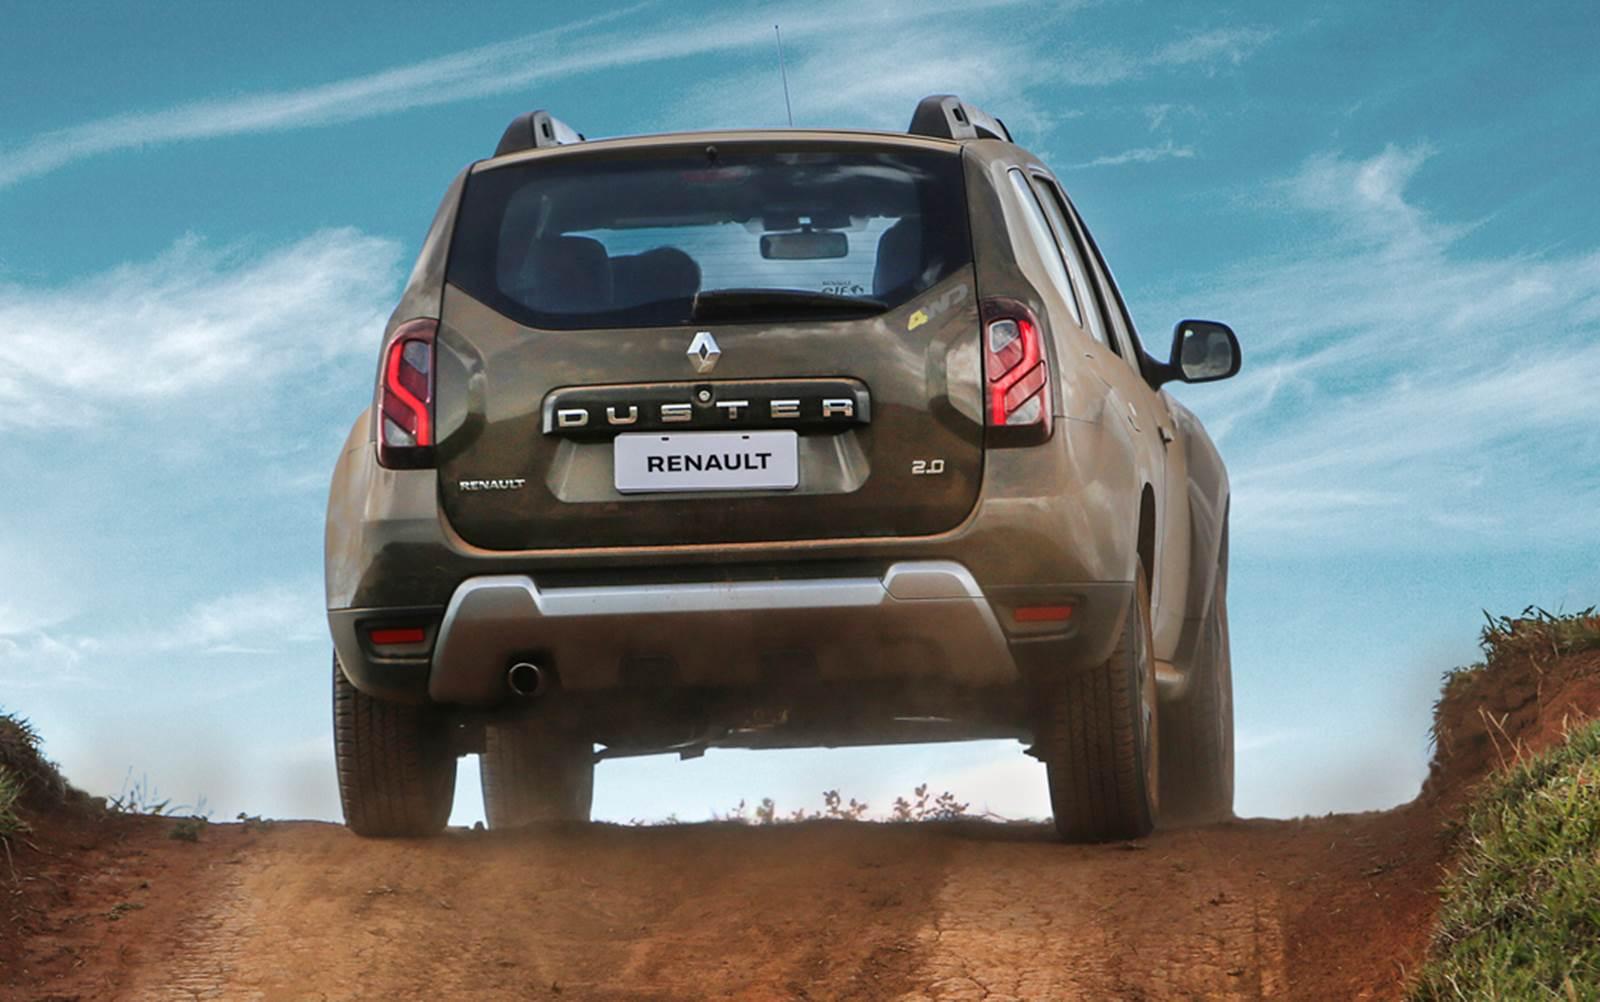 2015 Renault Duster facelift taillight Brazil